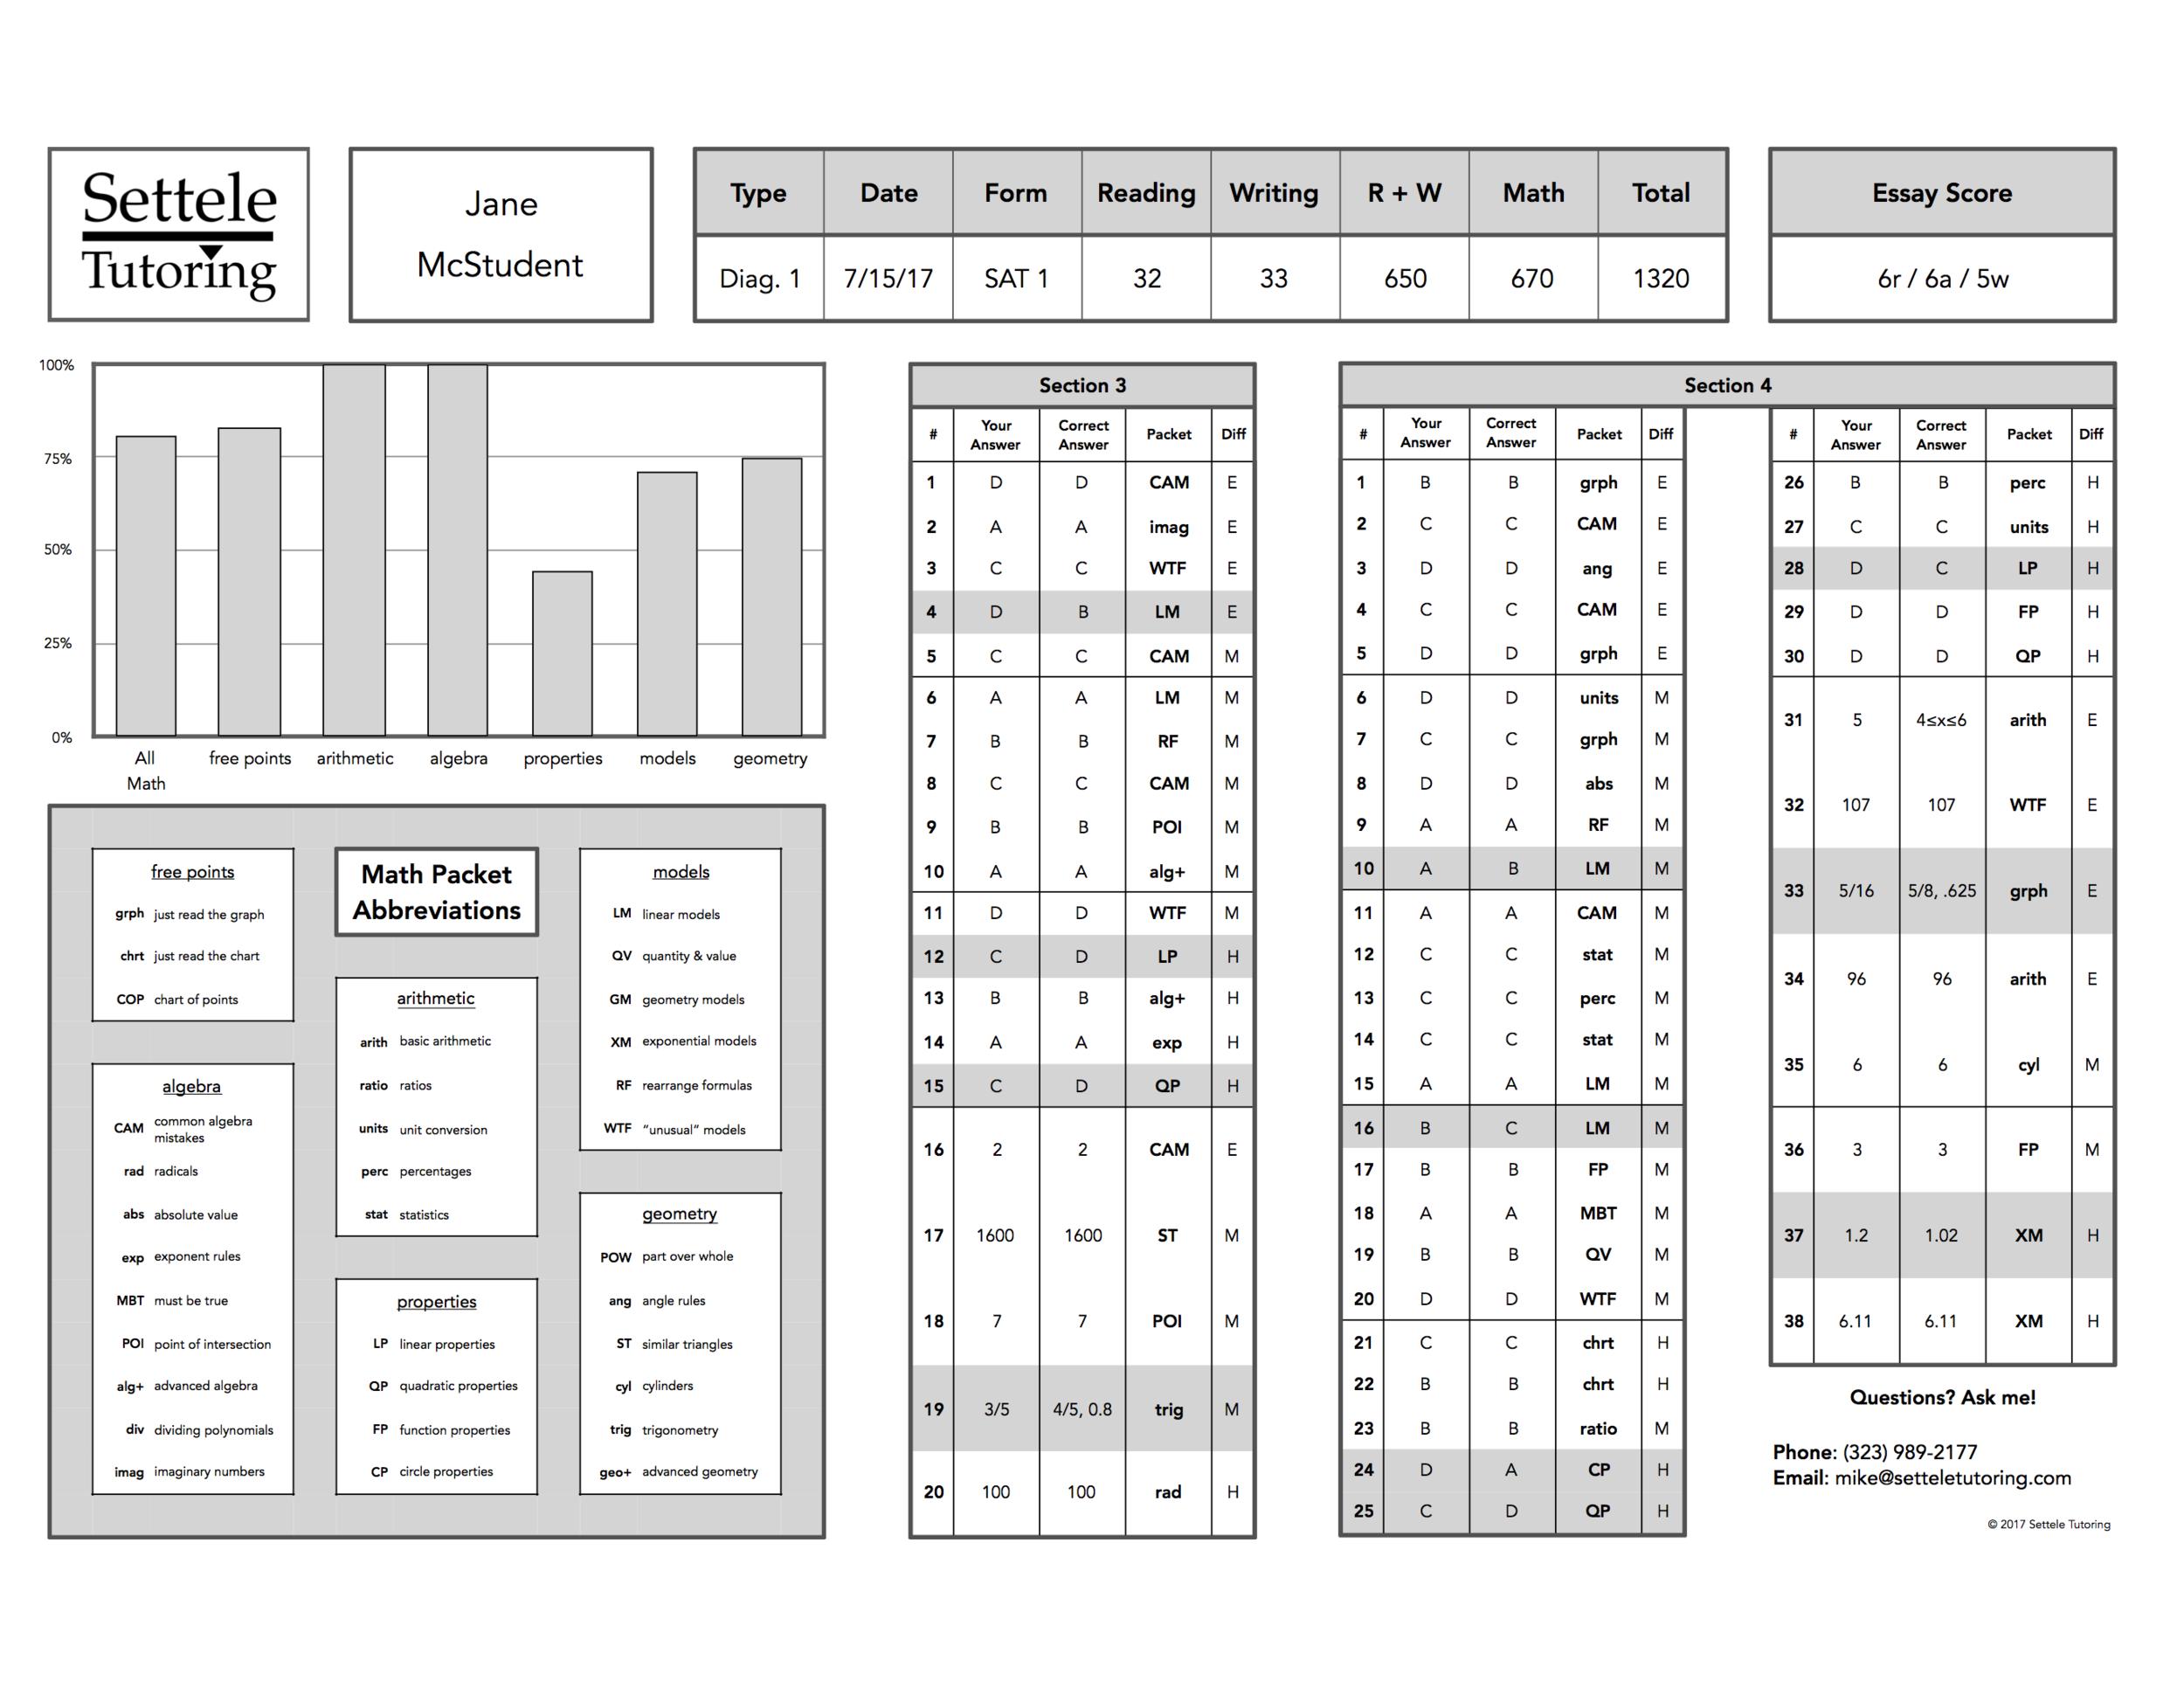 Sample Math Report.png